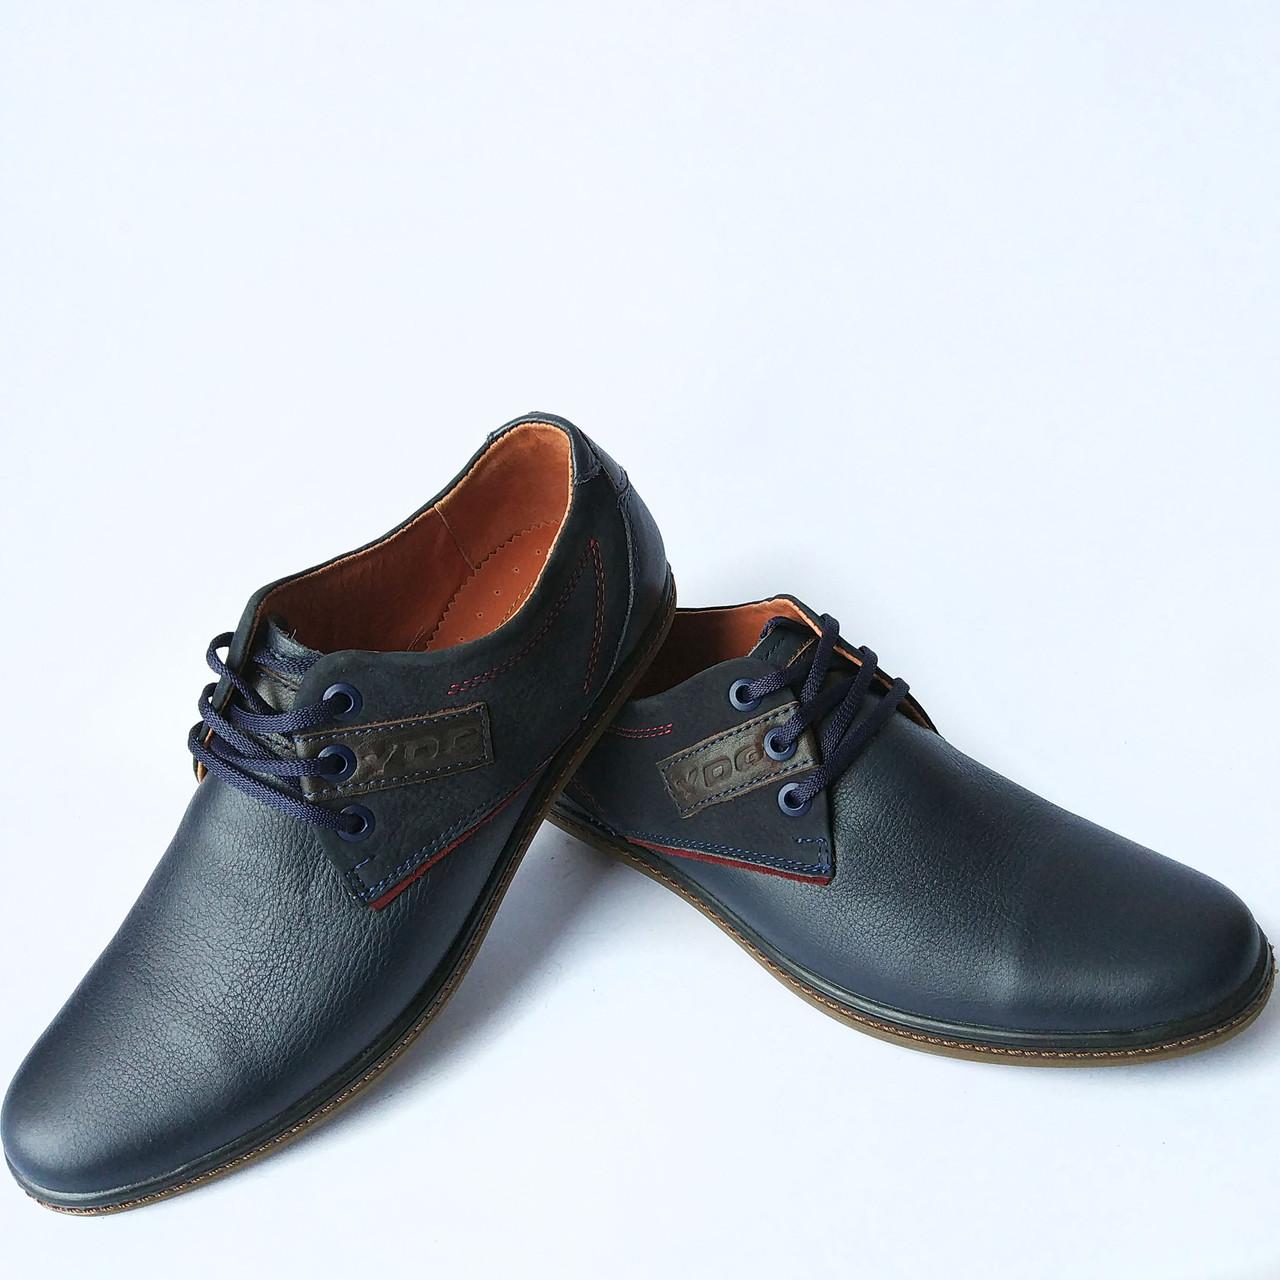 9d6dbda58192 Мужская обувь украинских производителей YDG   кожаные, синие повседневные -  Интернет-магазин